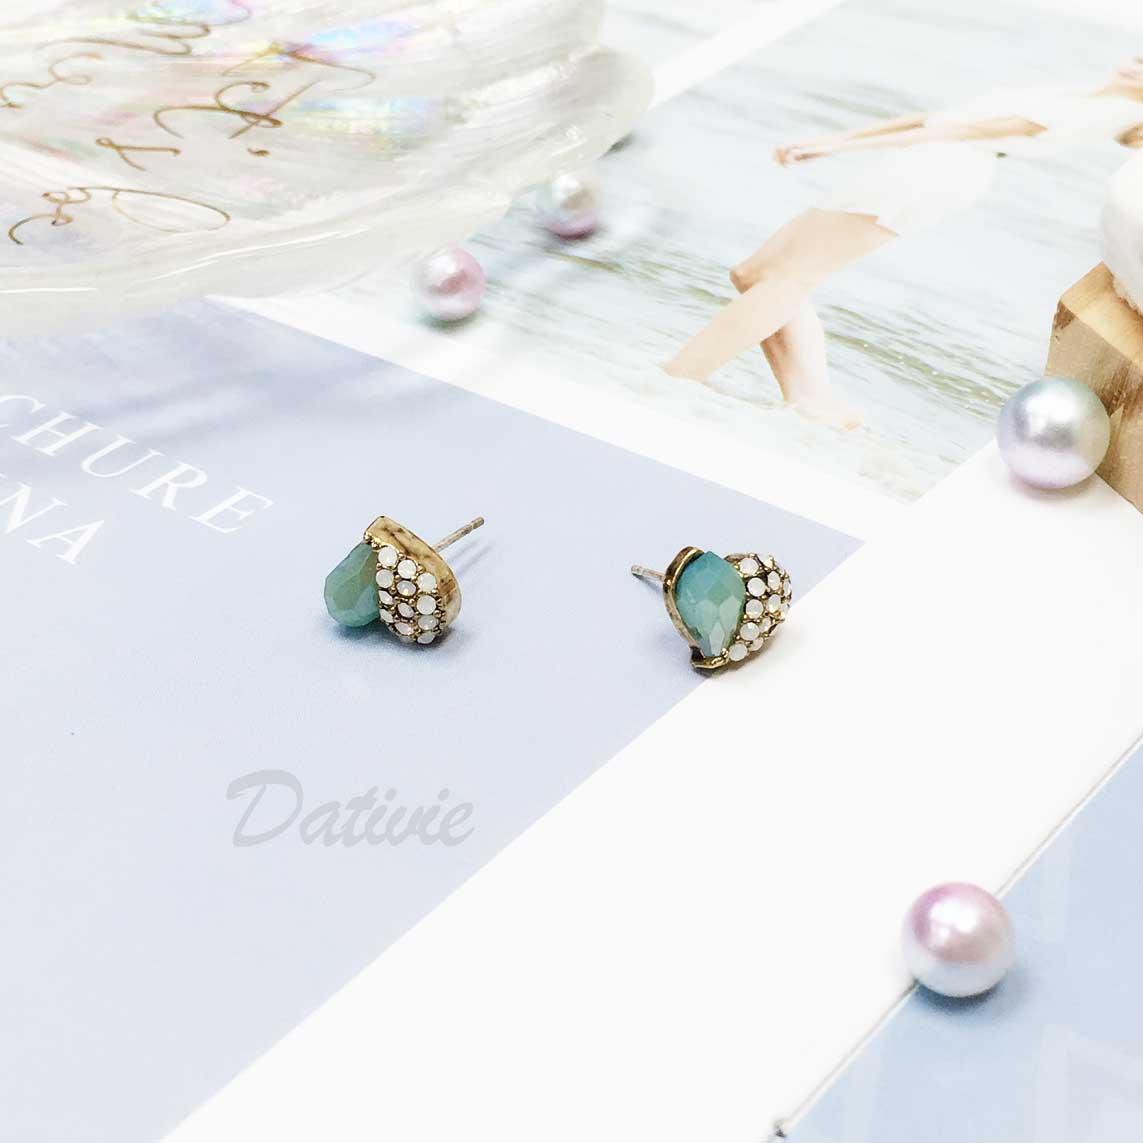 韓國 925純銀 愛心 AB鑽 不對稱 耳針式耳環